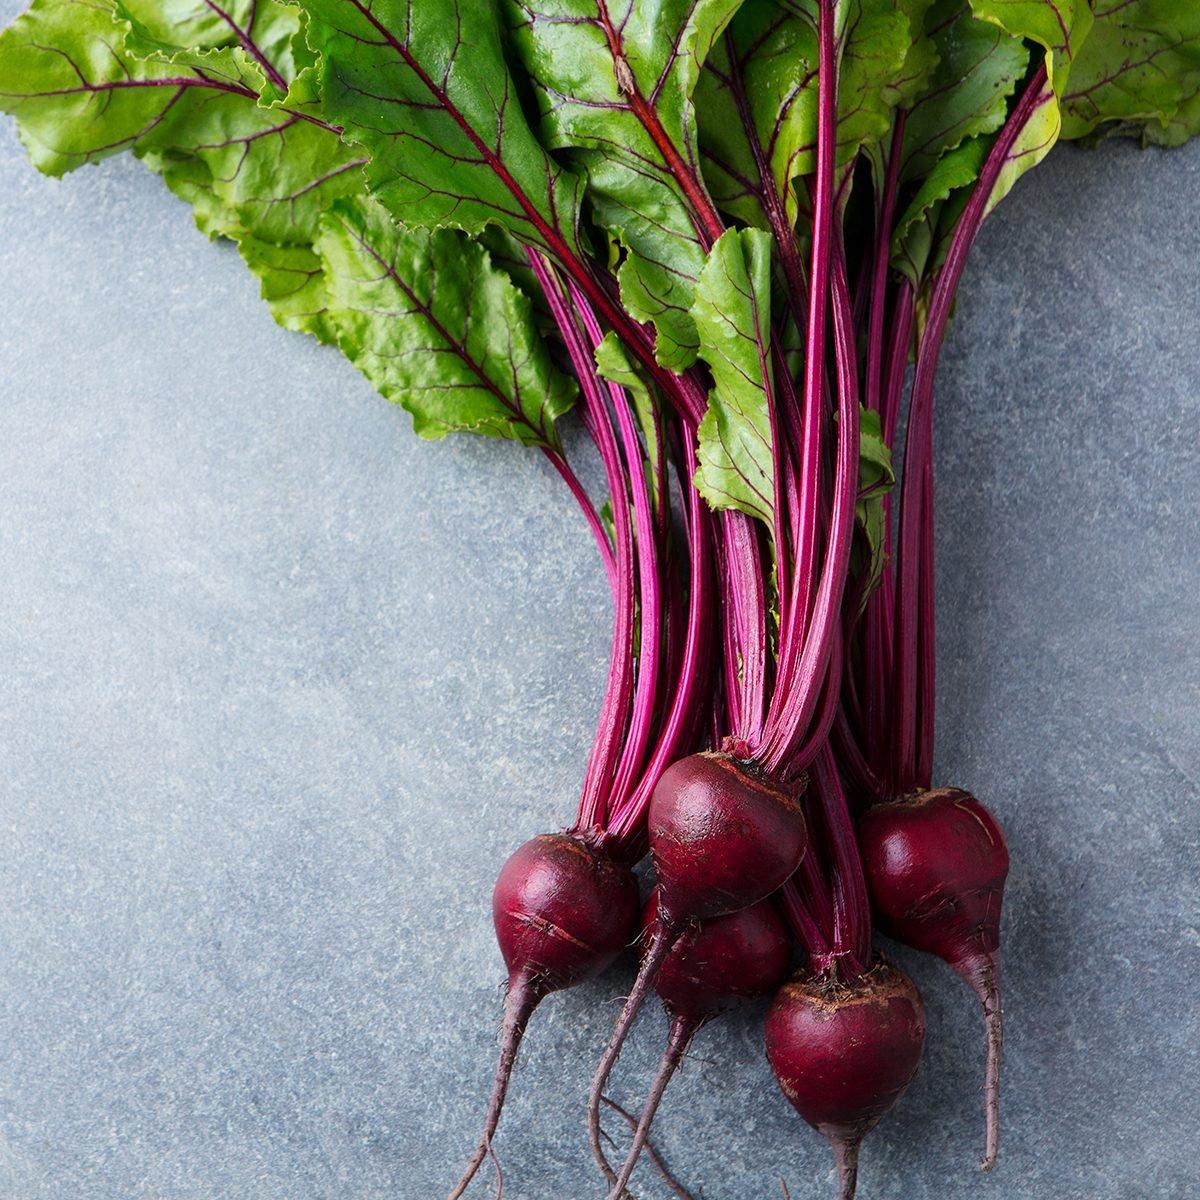 Παντζάρι Οφέλη: Το λαχανικό που αυξάνει τη αντοχή και ρίχνει την πίεση